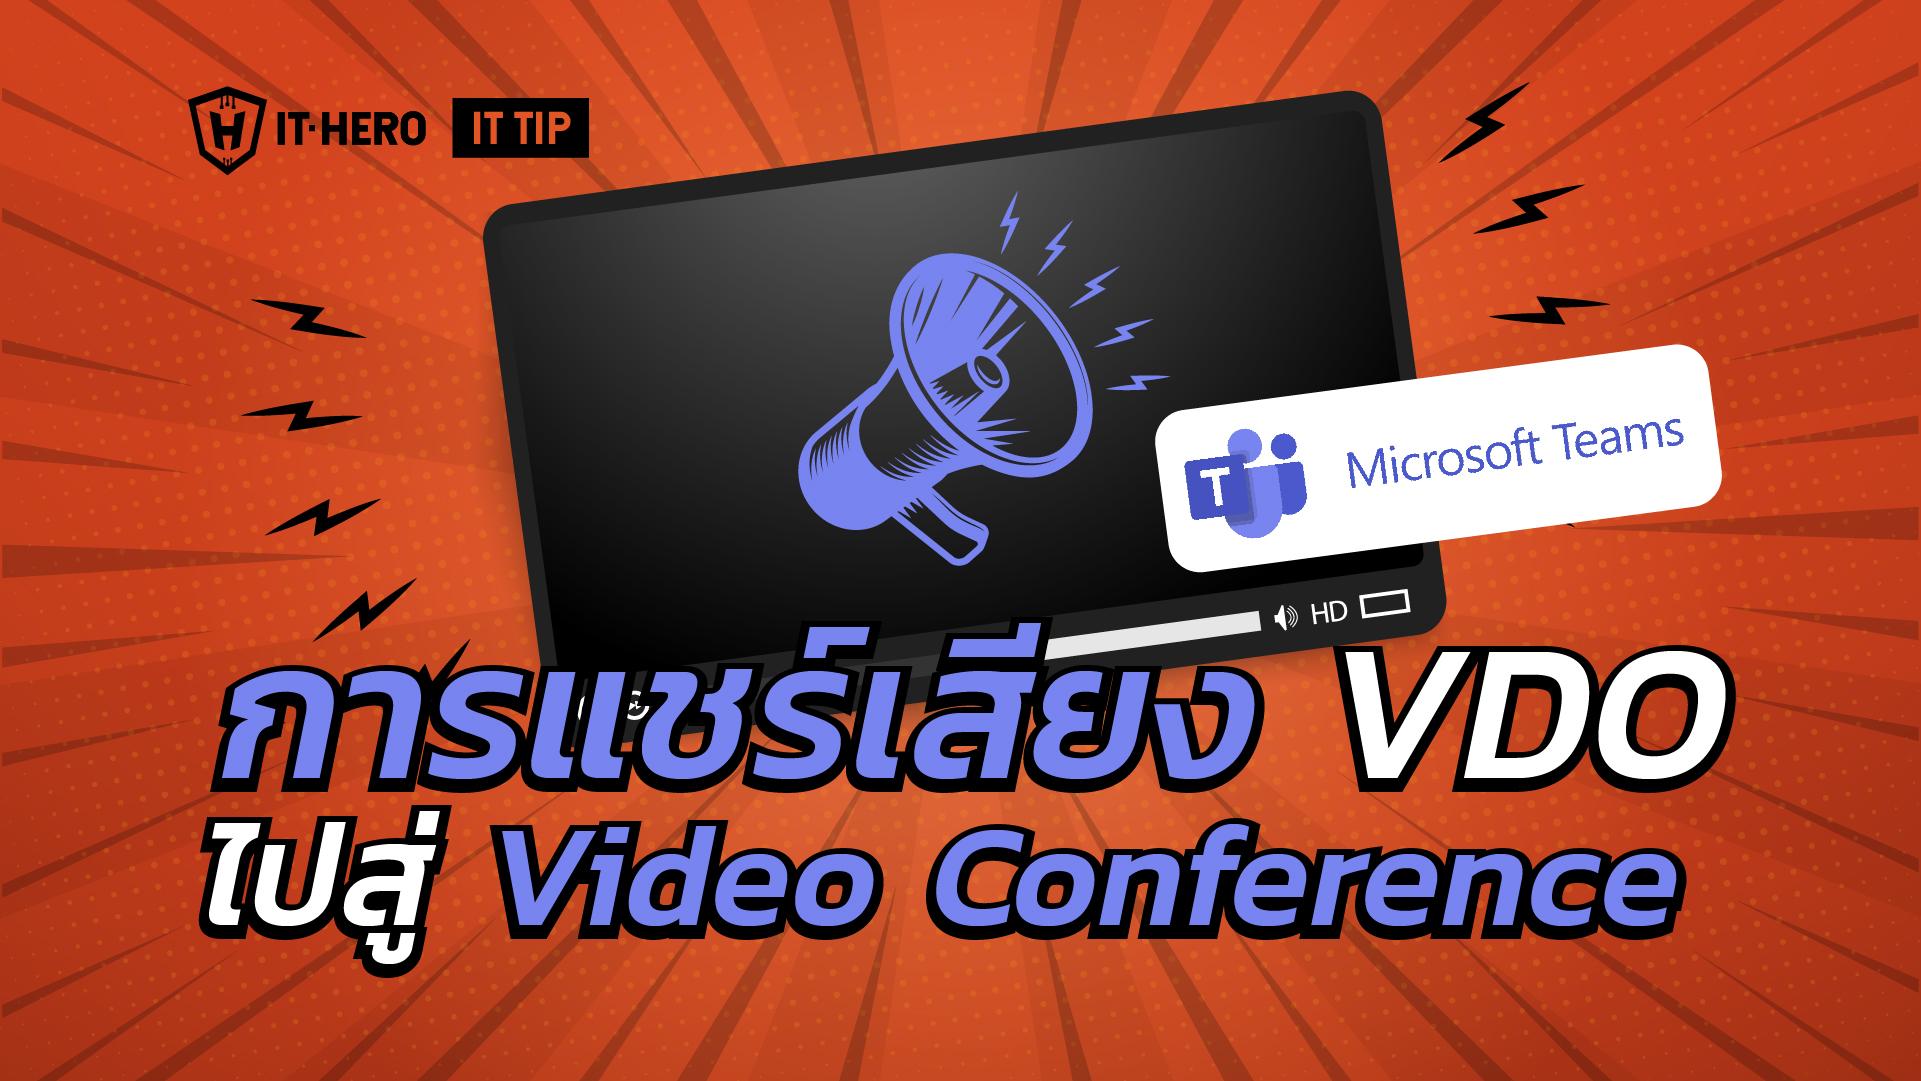 การแชร์เสียง ภายในเครื่องคอม ไปสู่ Video Conference ทำอย่างไร